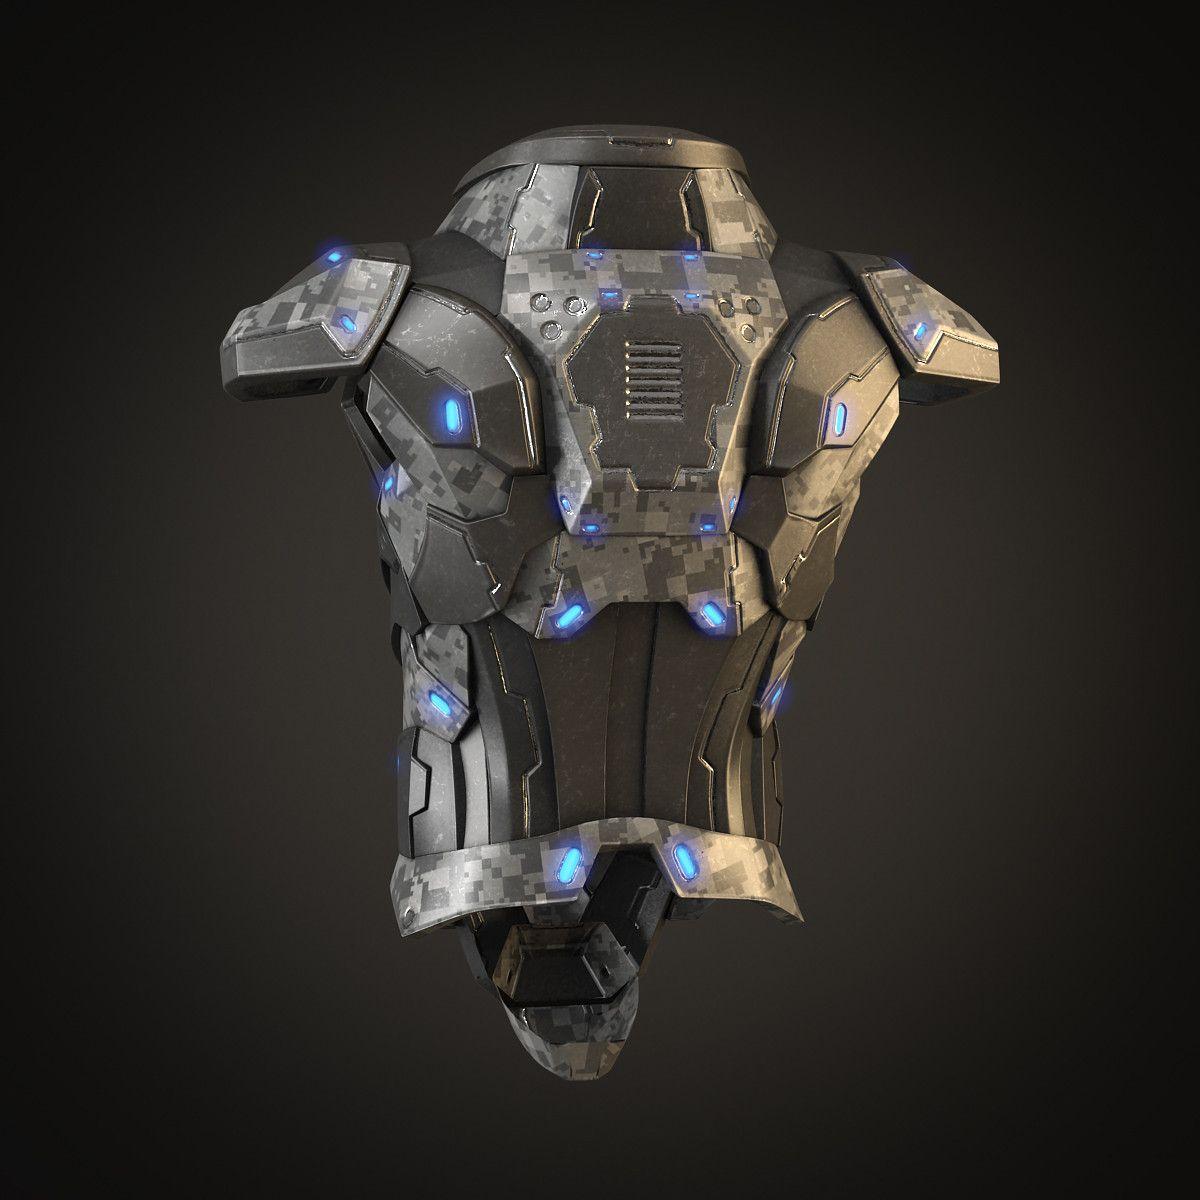 nano armor - Google Search | Armor and shiz | Armor ...